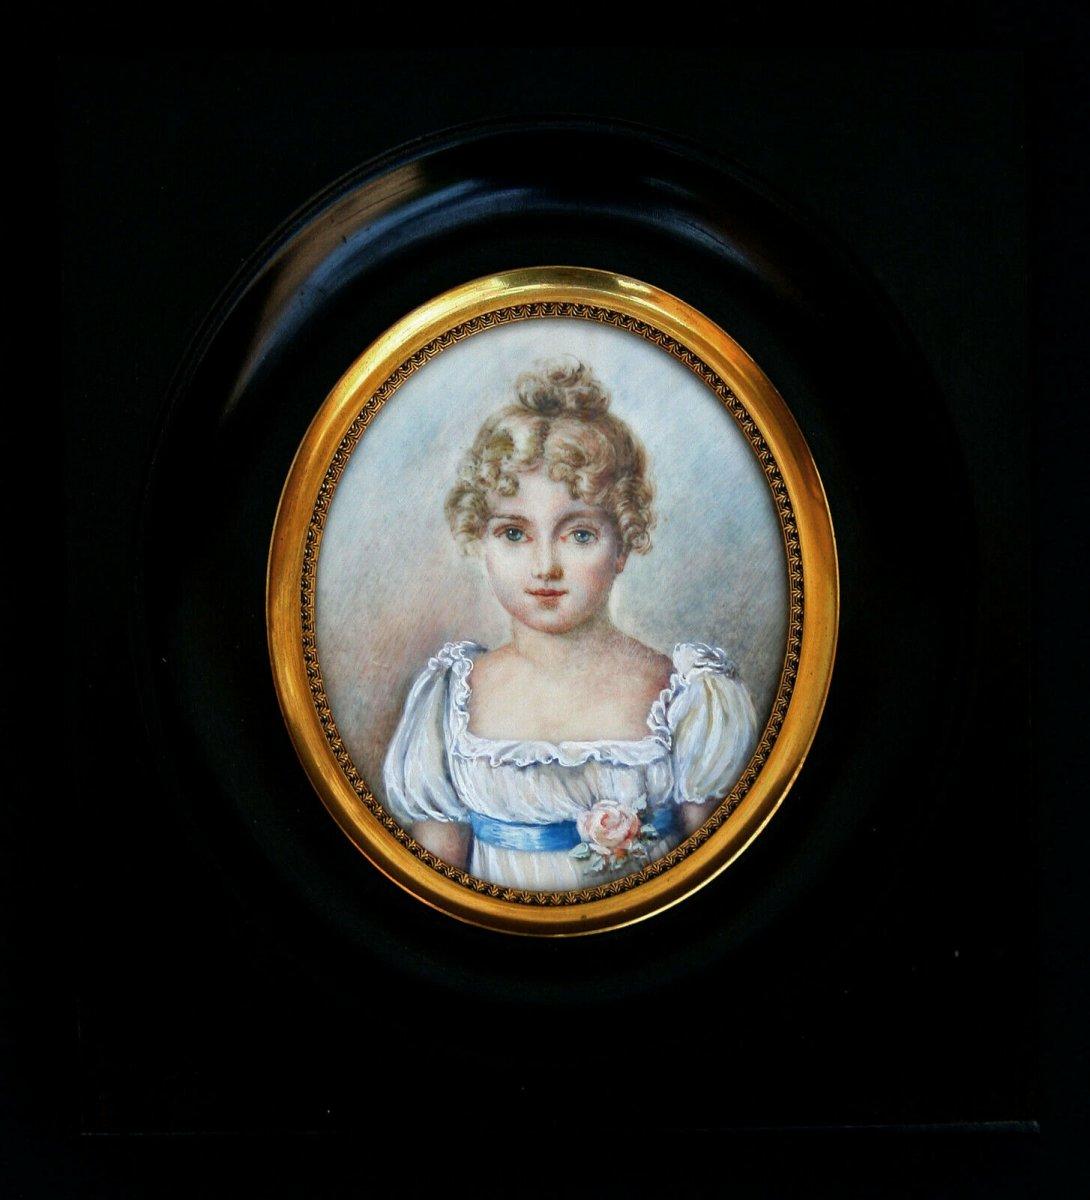 Delightful Antique Portrait Miniature Pretty Young Girl